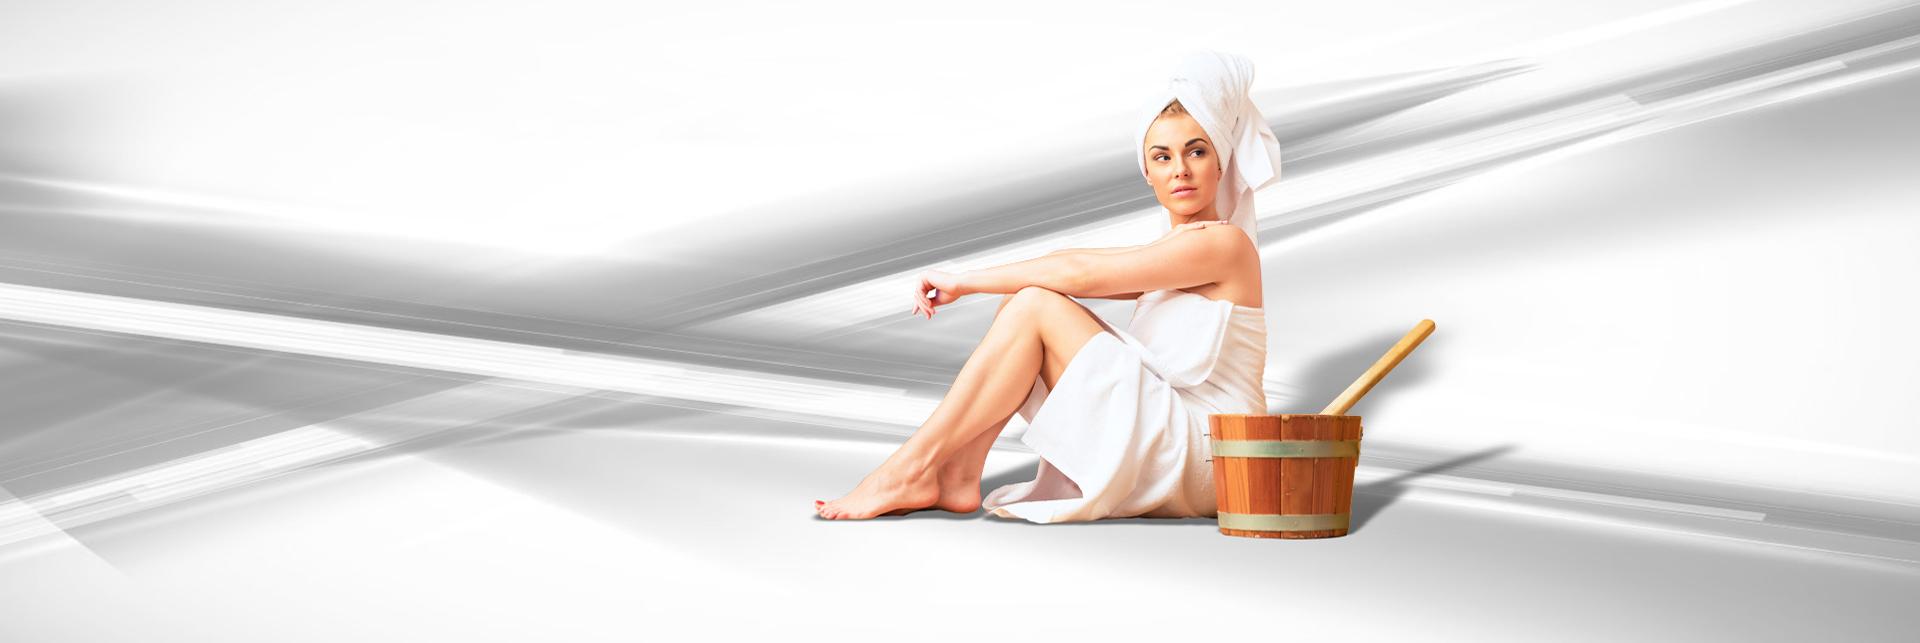 Sauna - Für die Entspannung danach!